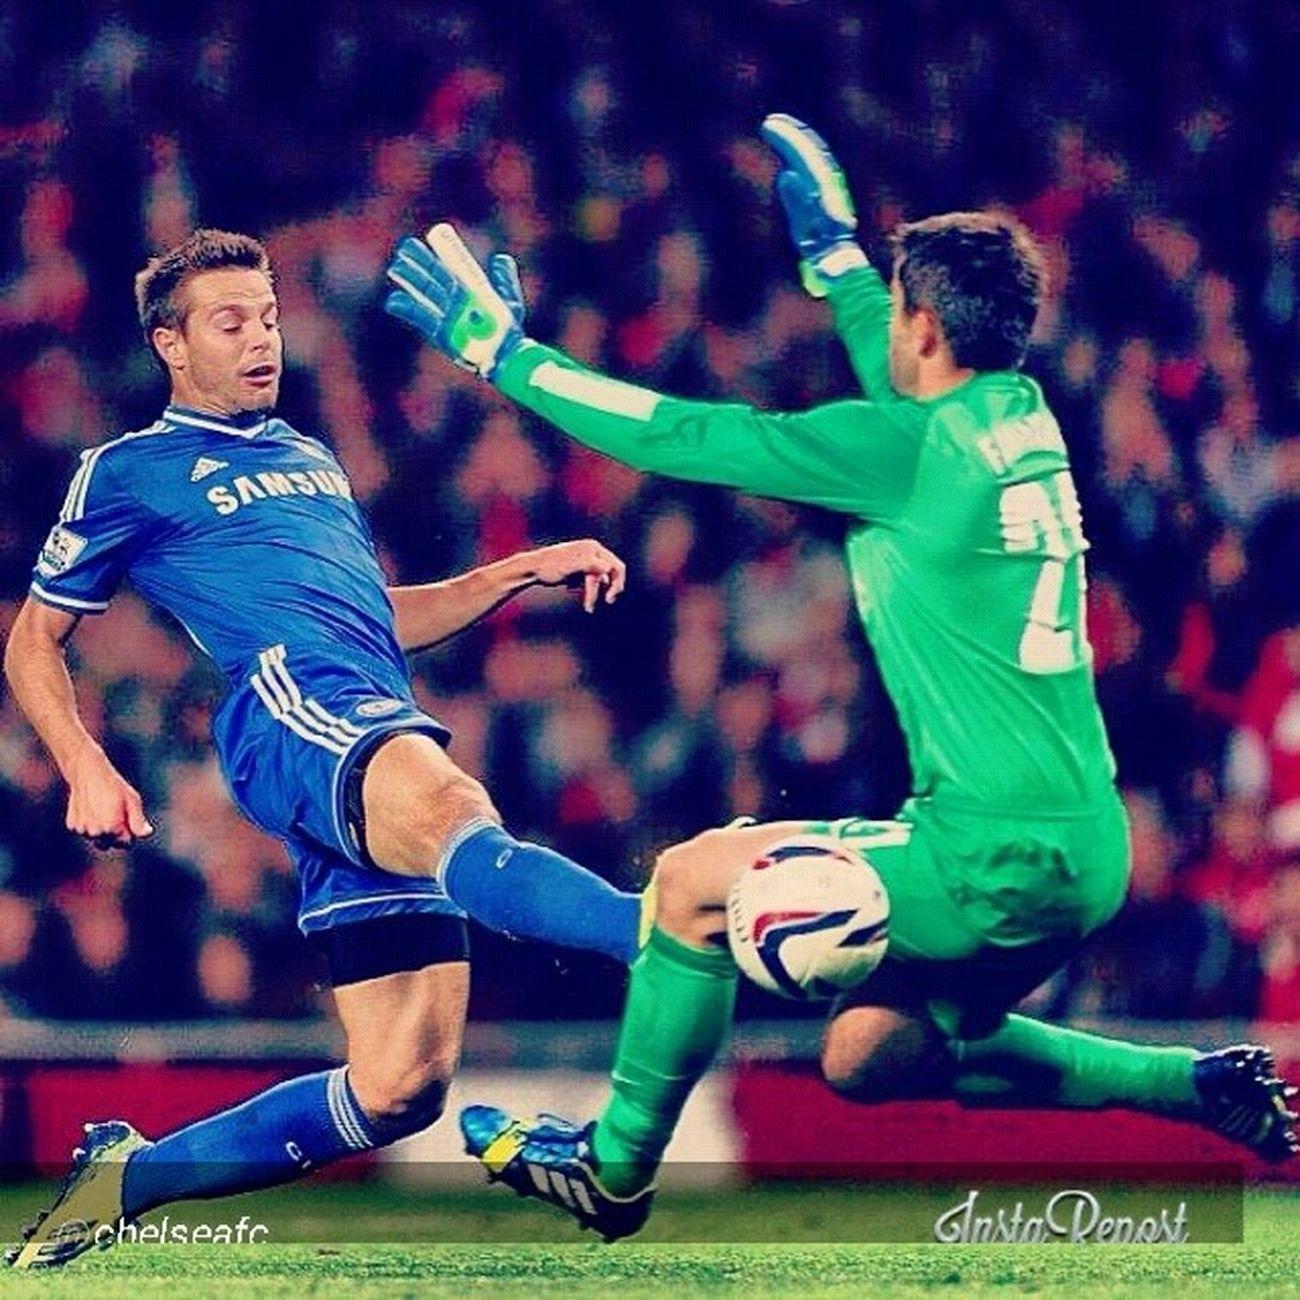 Jom tdo dgn tenang Bestgameever Josemourinho Chelsea